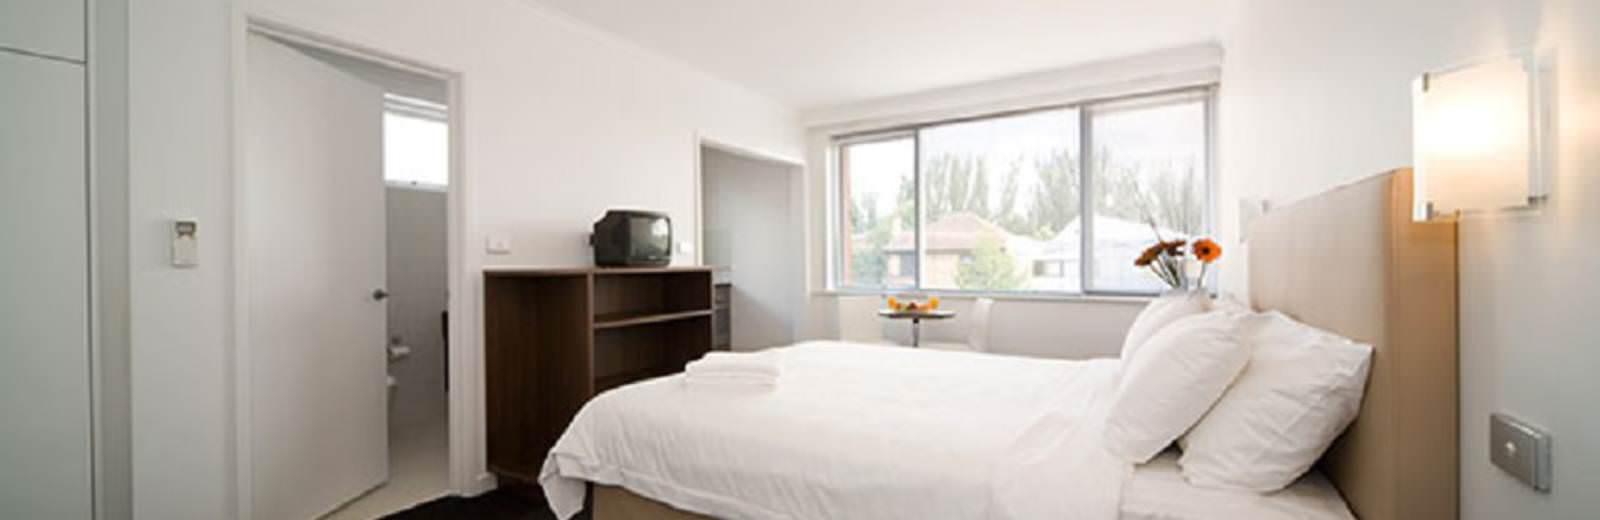 Alojamiento de estudiantes easystay studios melbourne for Alojamiento para estudiantes